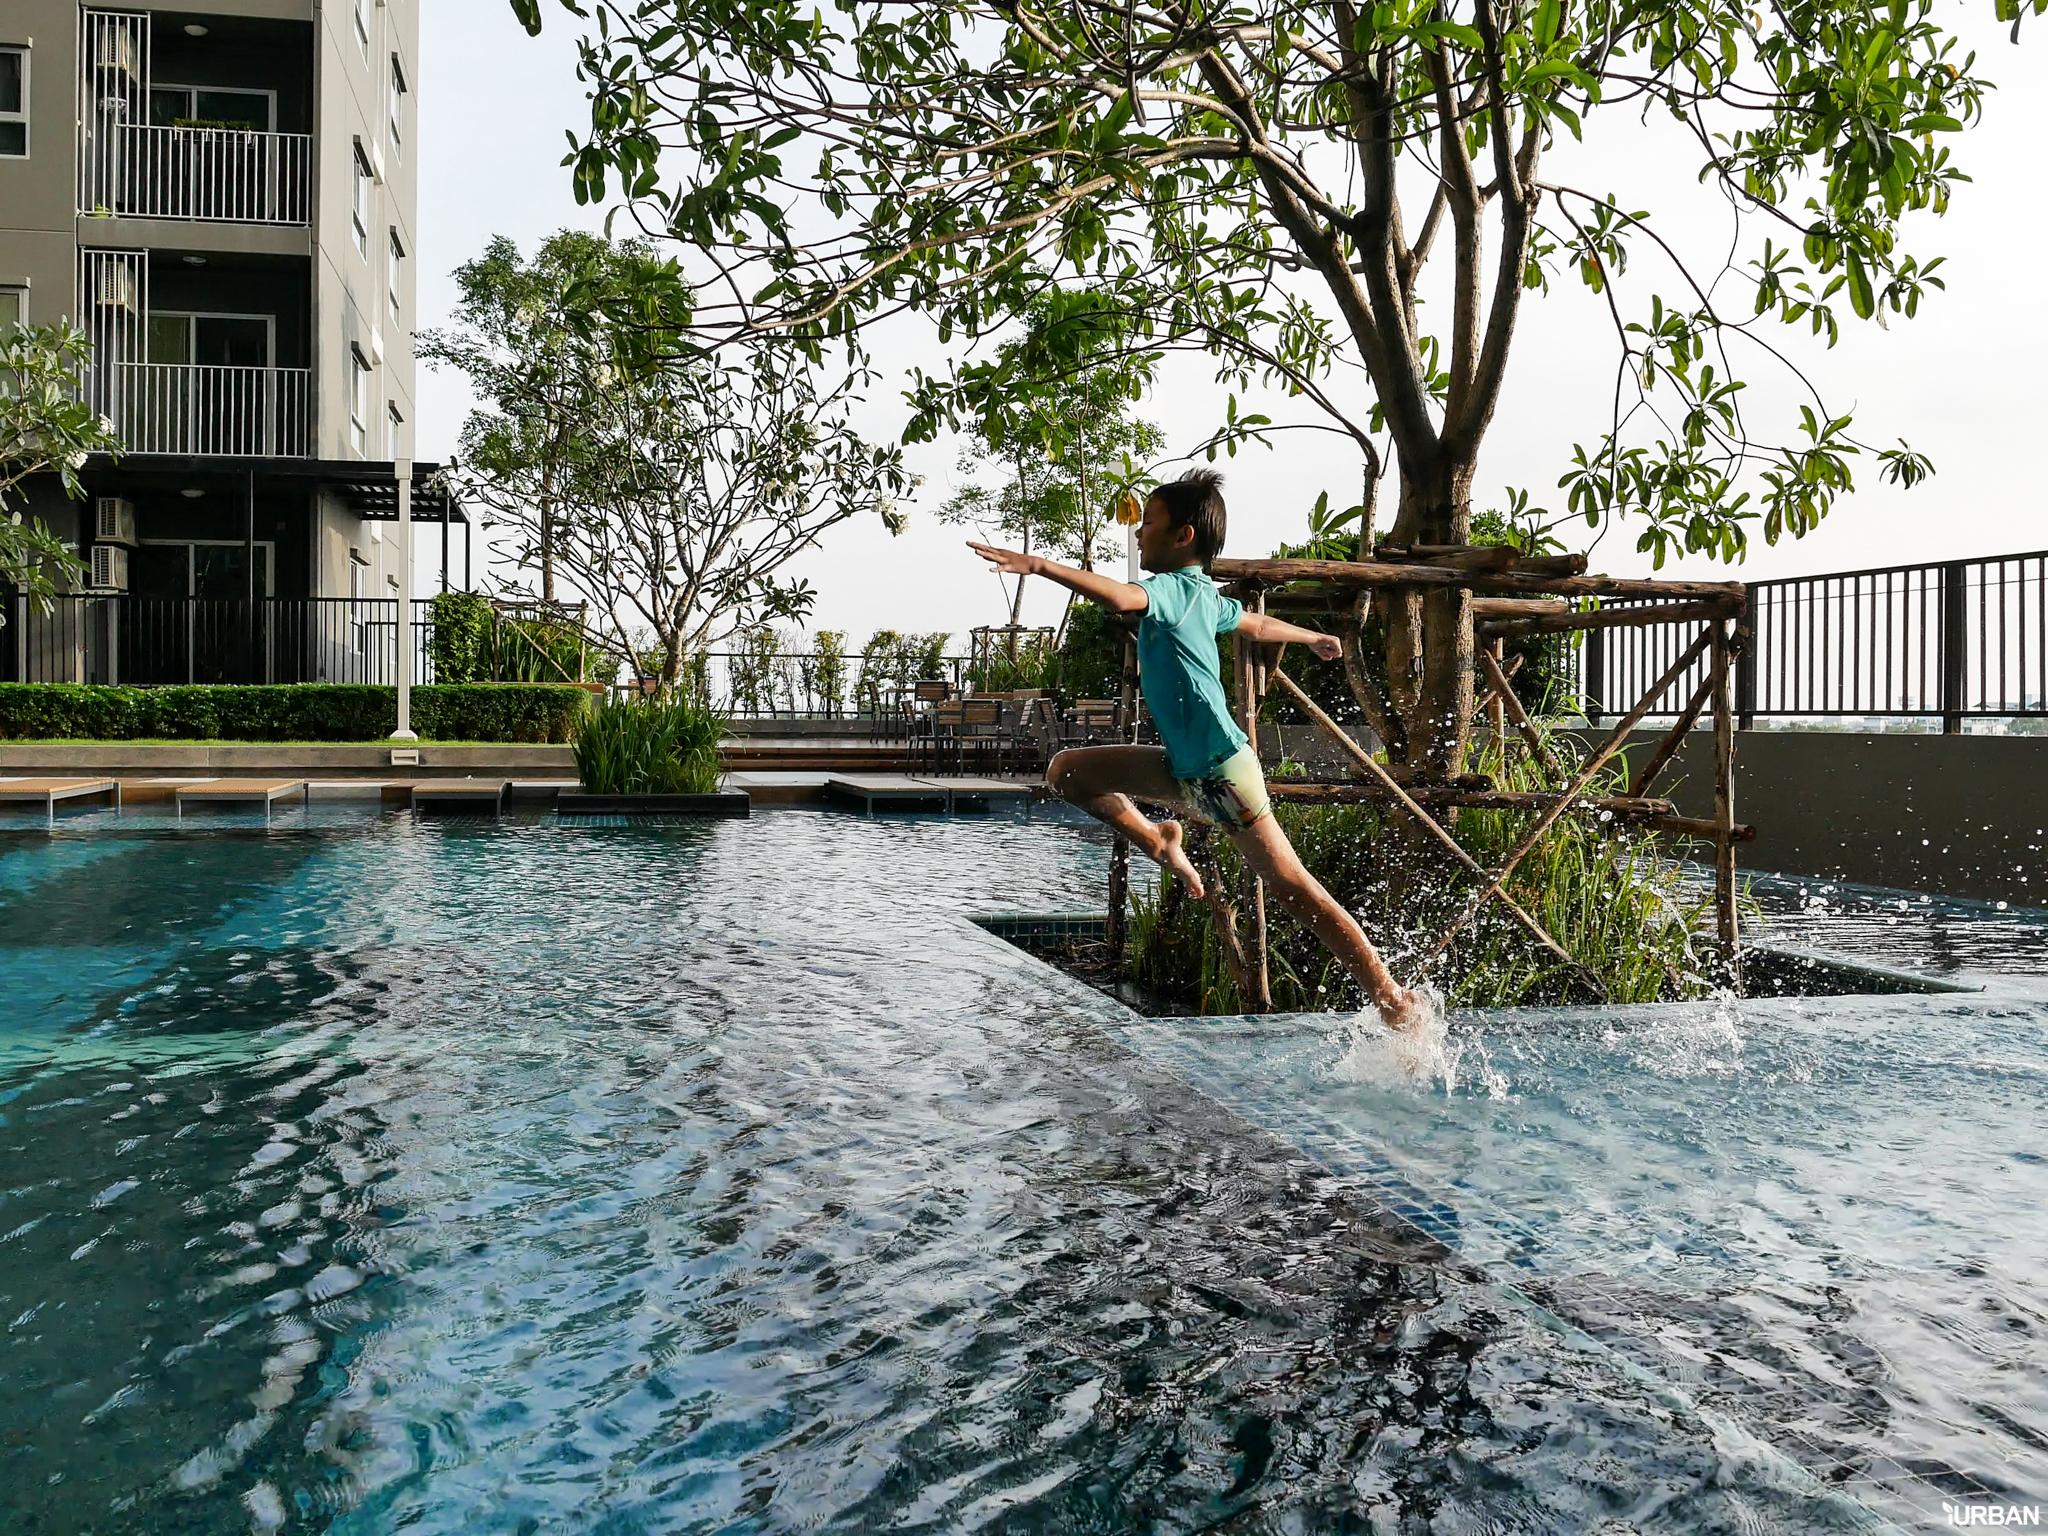 รีวิว The Trust Erawan คอนโดวิวแม่น้ำ / 1 ก้าวถึง BTS / 700 เมตรทางด่วน / ส่วนกลางใหญ่ 25 - Premium